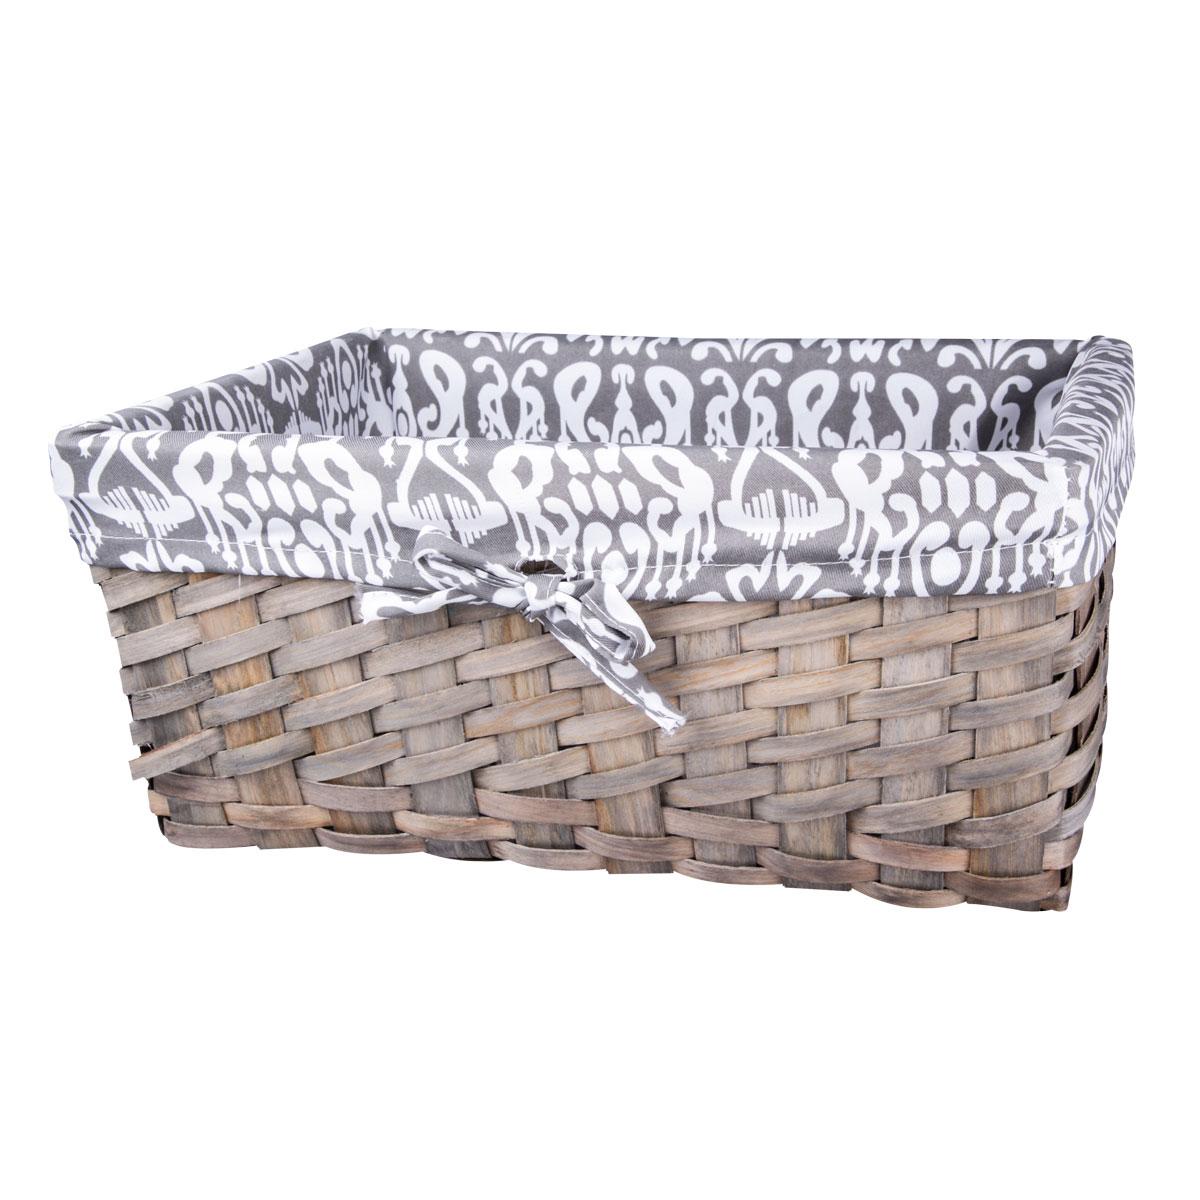 Корзина плетеная Miolla, 37 х 26 х 17 см. QL400435-L74-0060Лучшее решение для хранения вещей - корзина для хранения Miolla. Экономьте полезное пространство своего дома, уберите ненужные вещи в удобную корзину и используйте ее для хранения дорогих сердцу вещей, которые нужно сберечь в целости и сохранности.Корзина изготовлена из дерева. Специальные отверстия на стенках создают идеальные условия для проветривания. Размер корзины: 37 х 26 х 17 см.